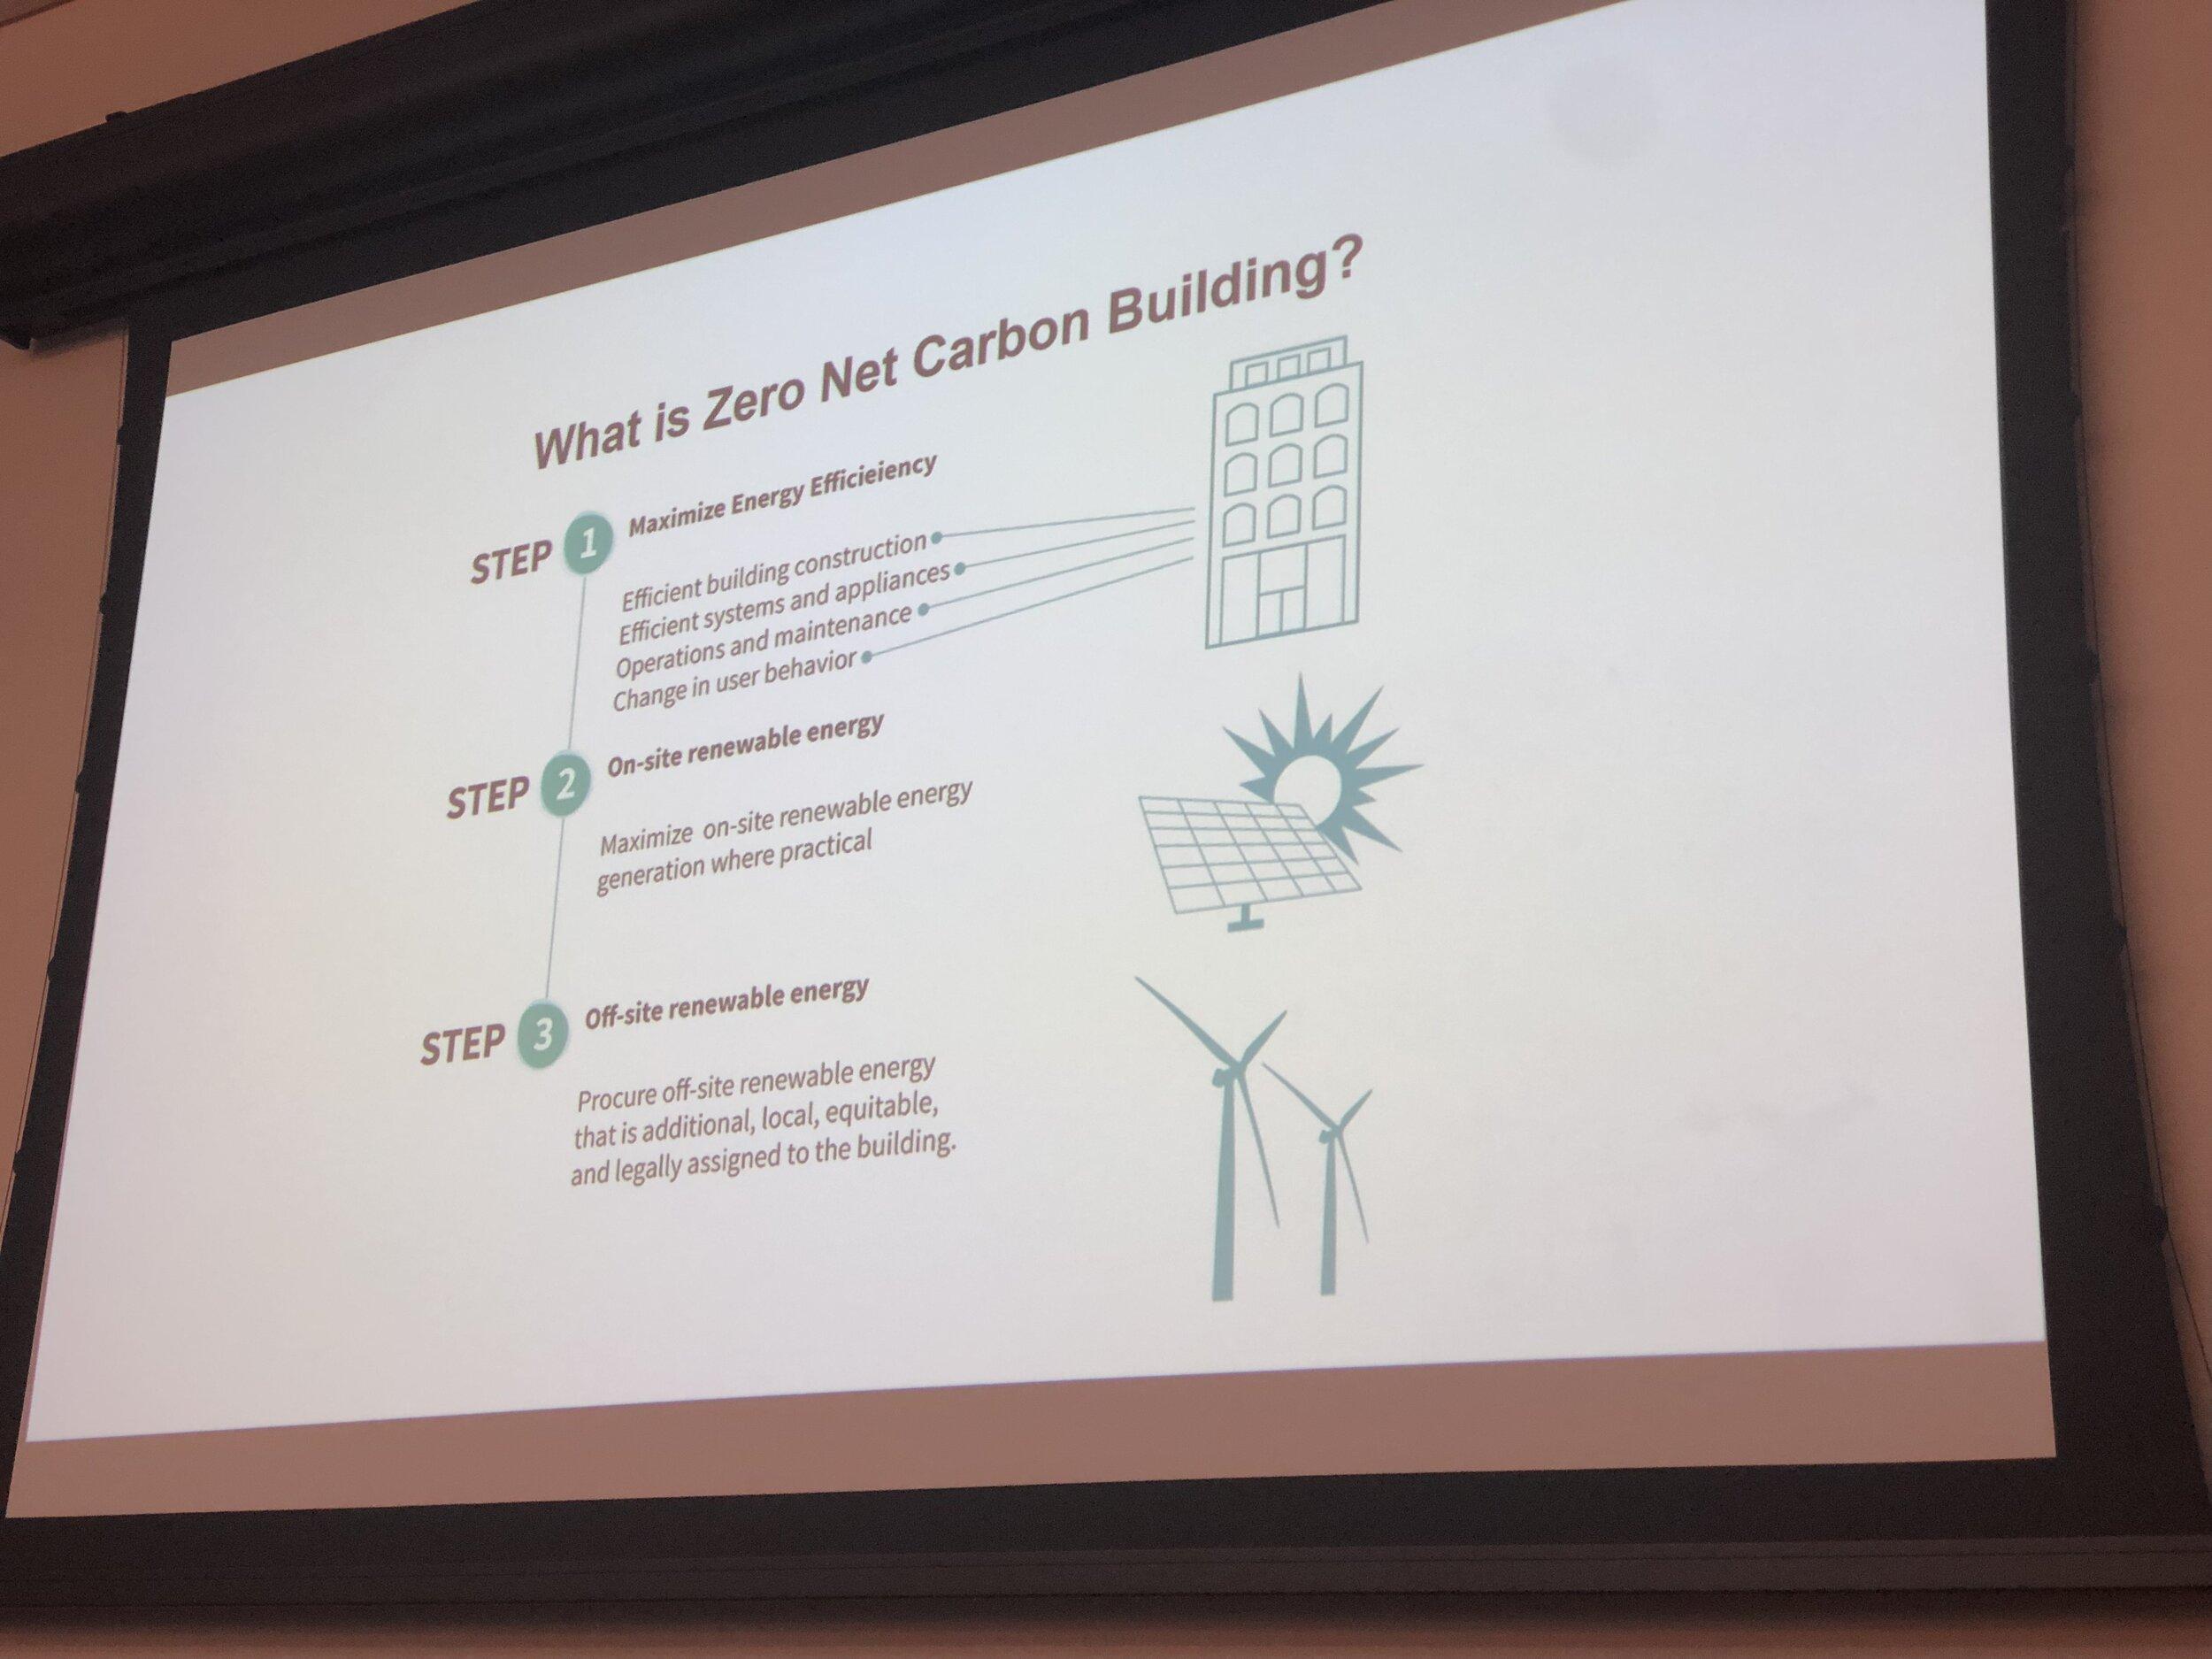 Zero Net Carbon Building